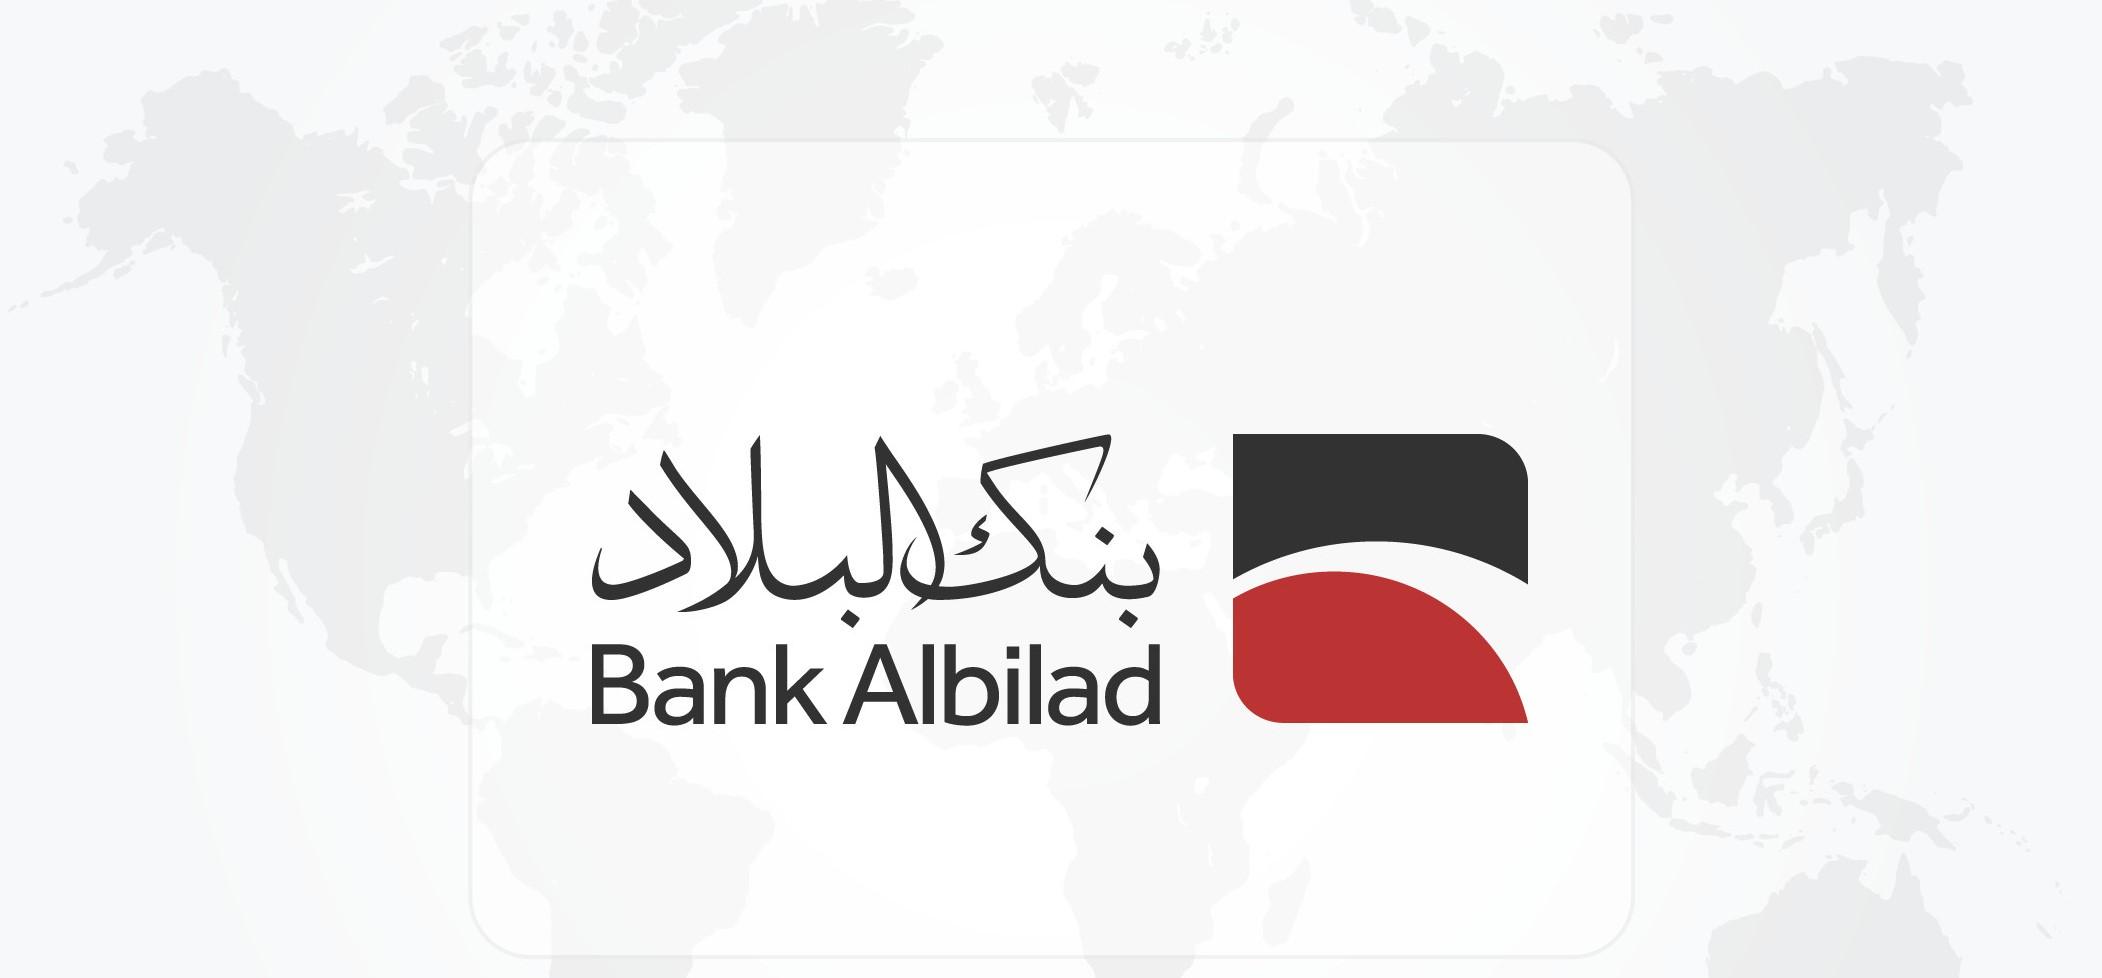 قرض تجاري بنك البلاد